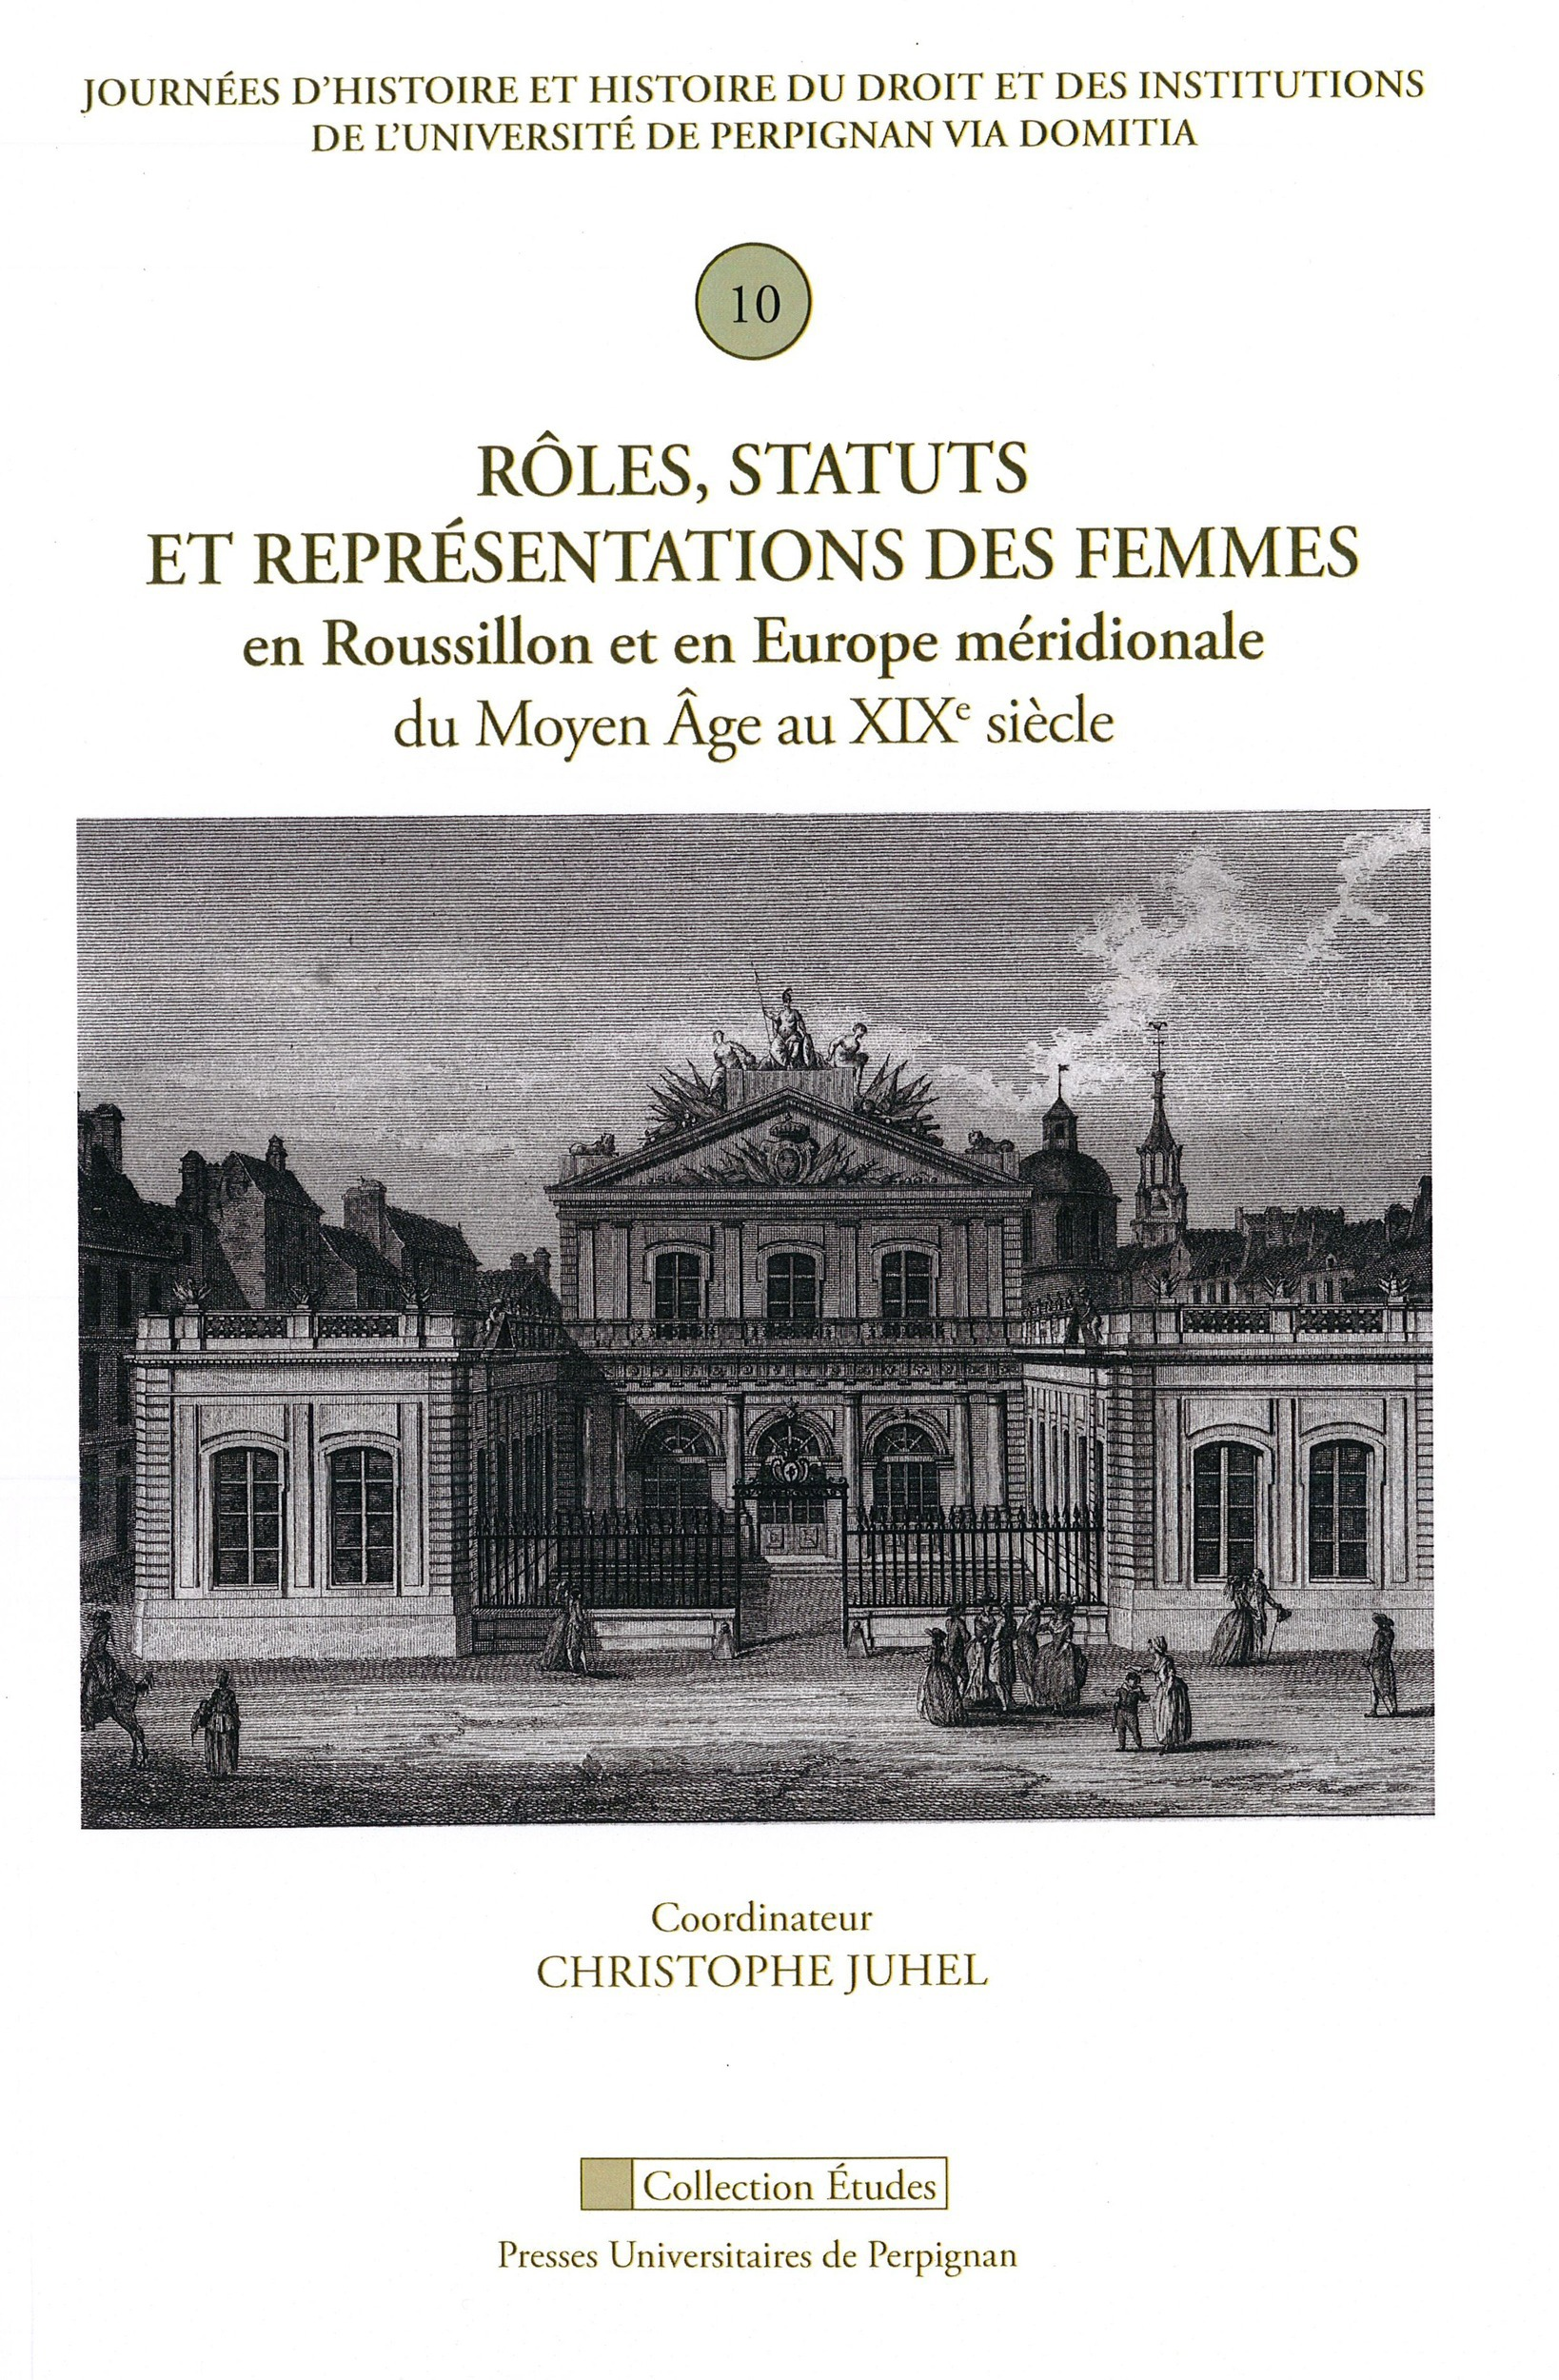 Roles, statuts et representations des femmes en roussillon et en europe meridion - 10e journee d'his